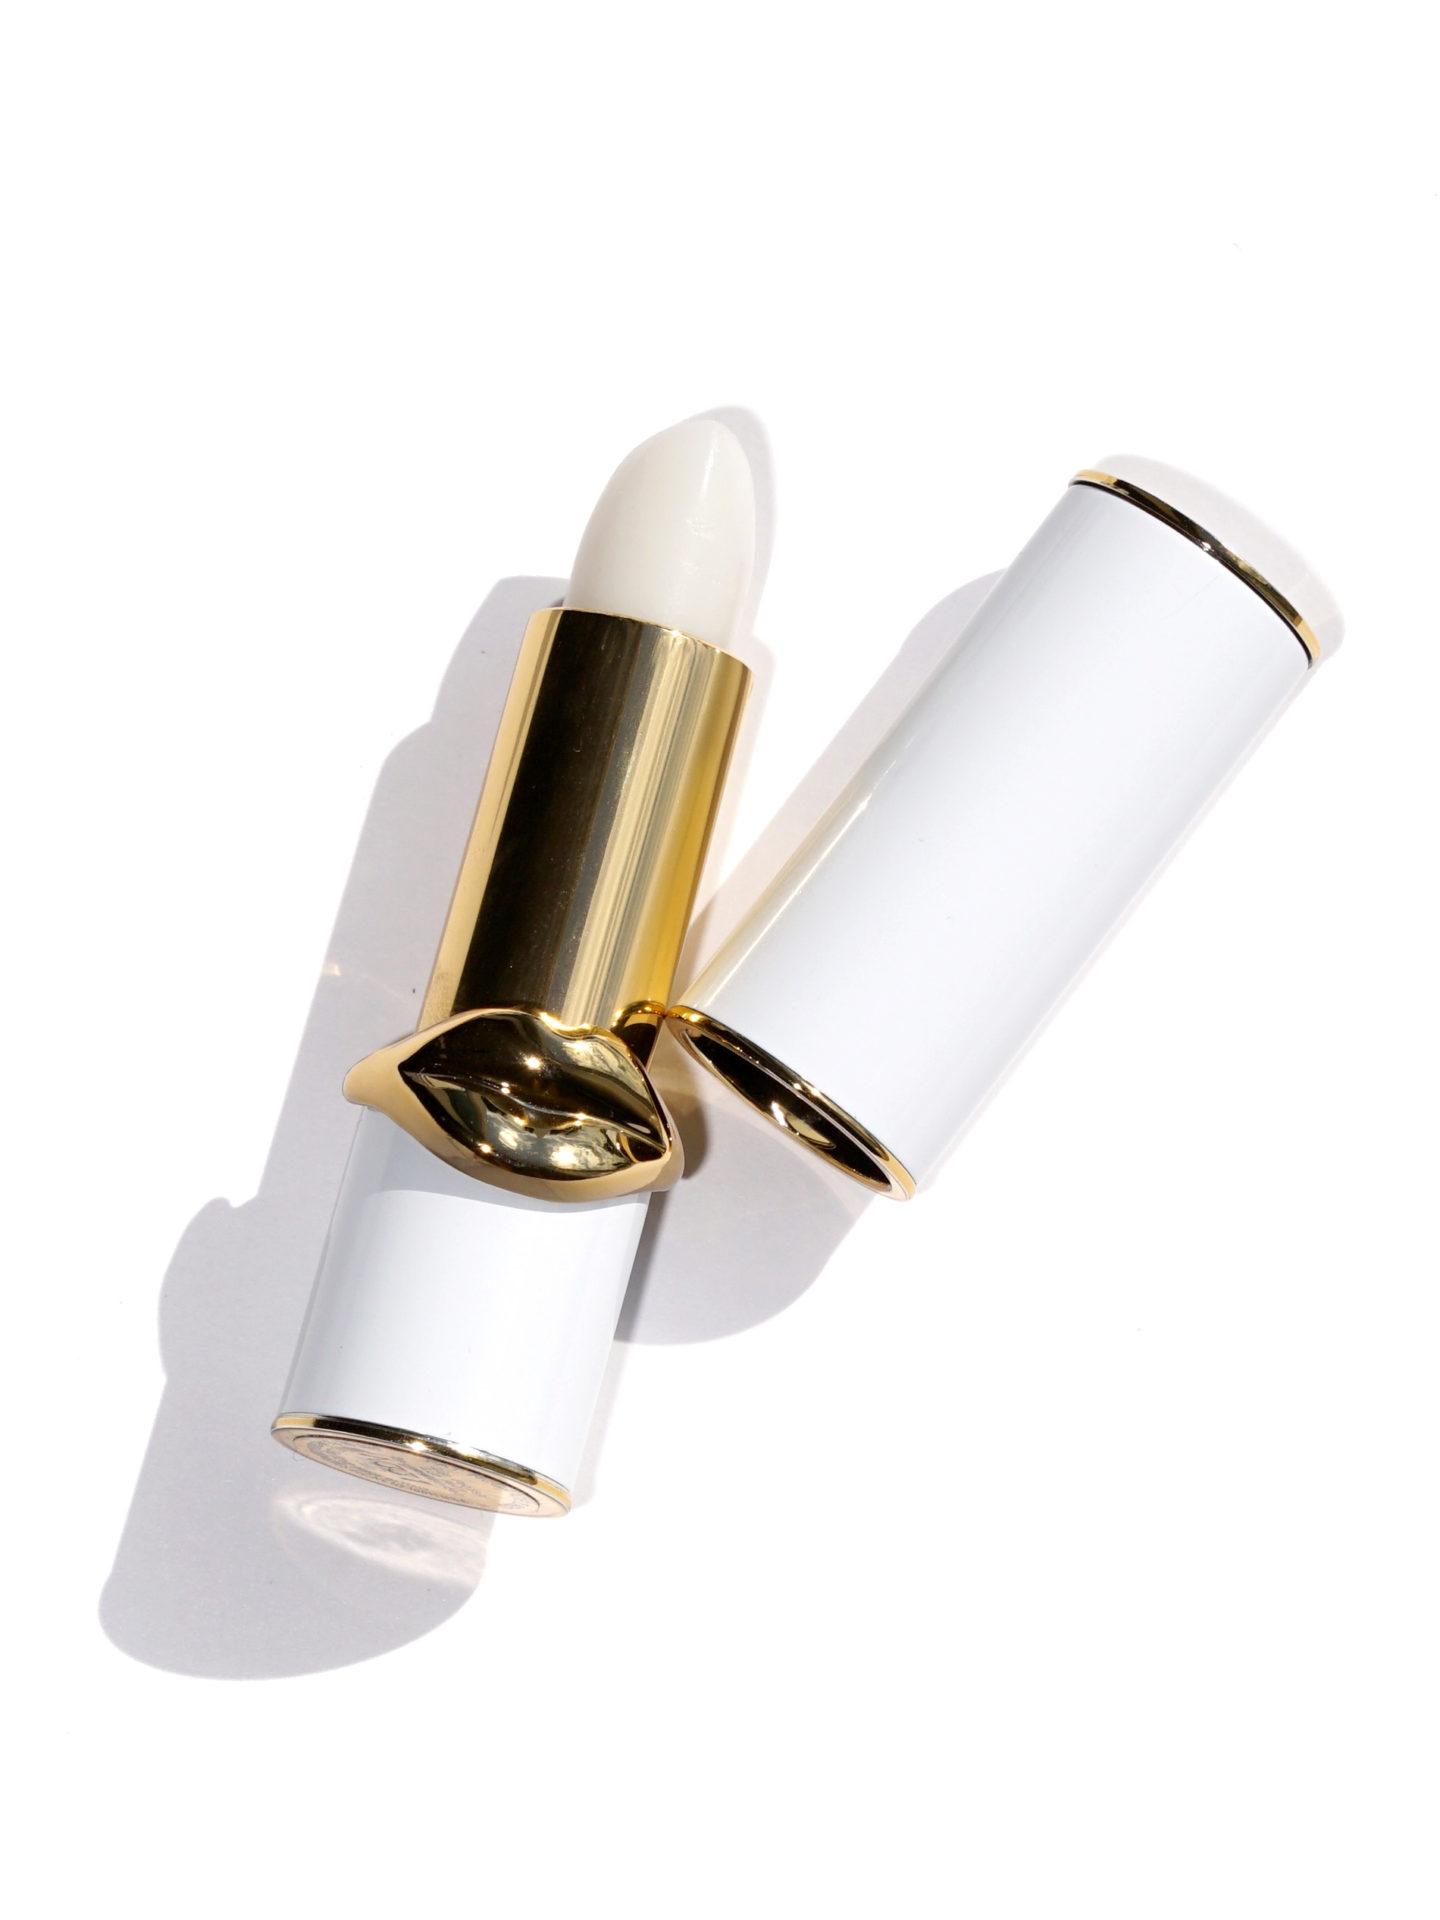 Pat McGrath Labs Baume fétiche pour les lèvres in Clear | Le livre de beauté